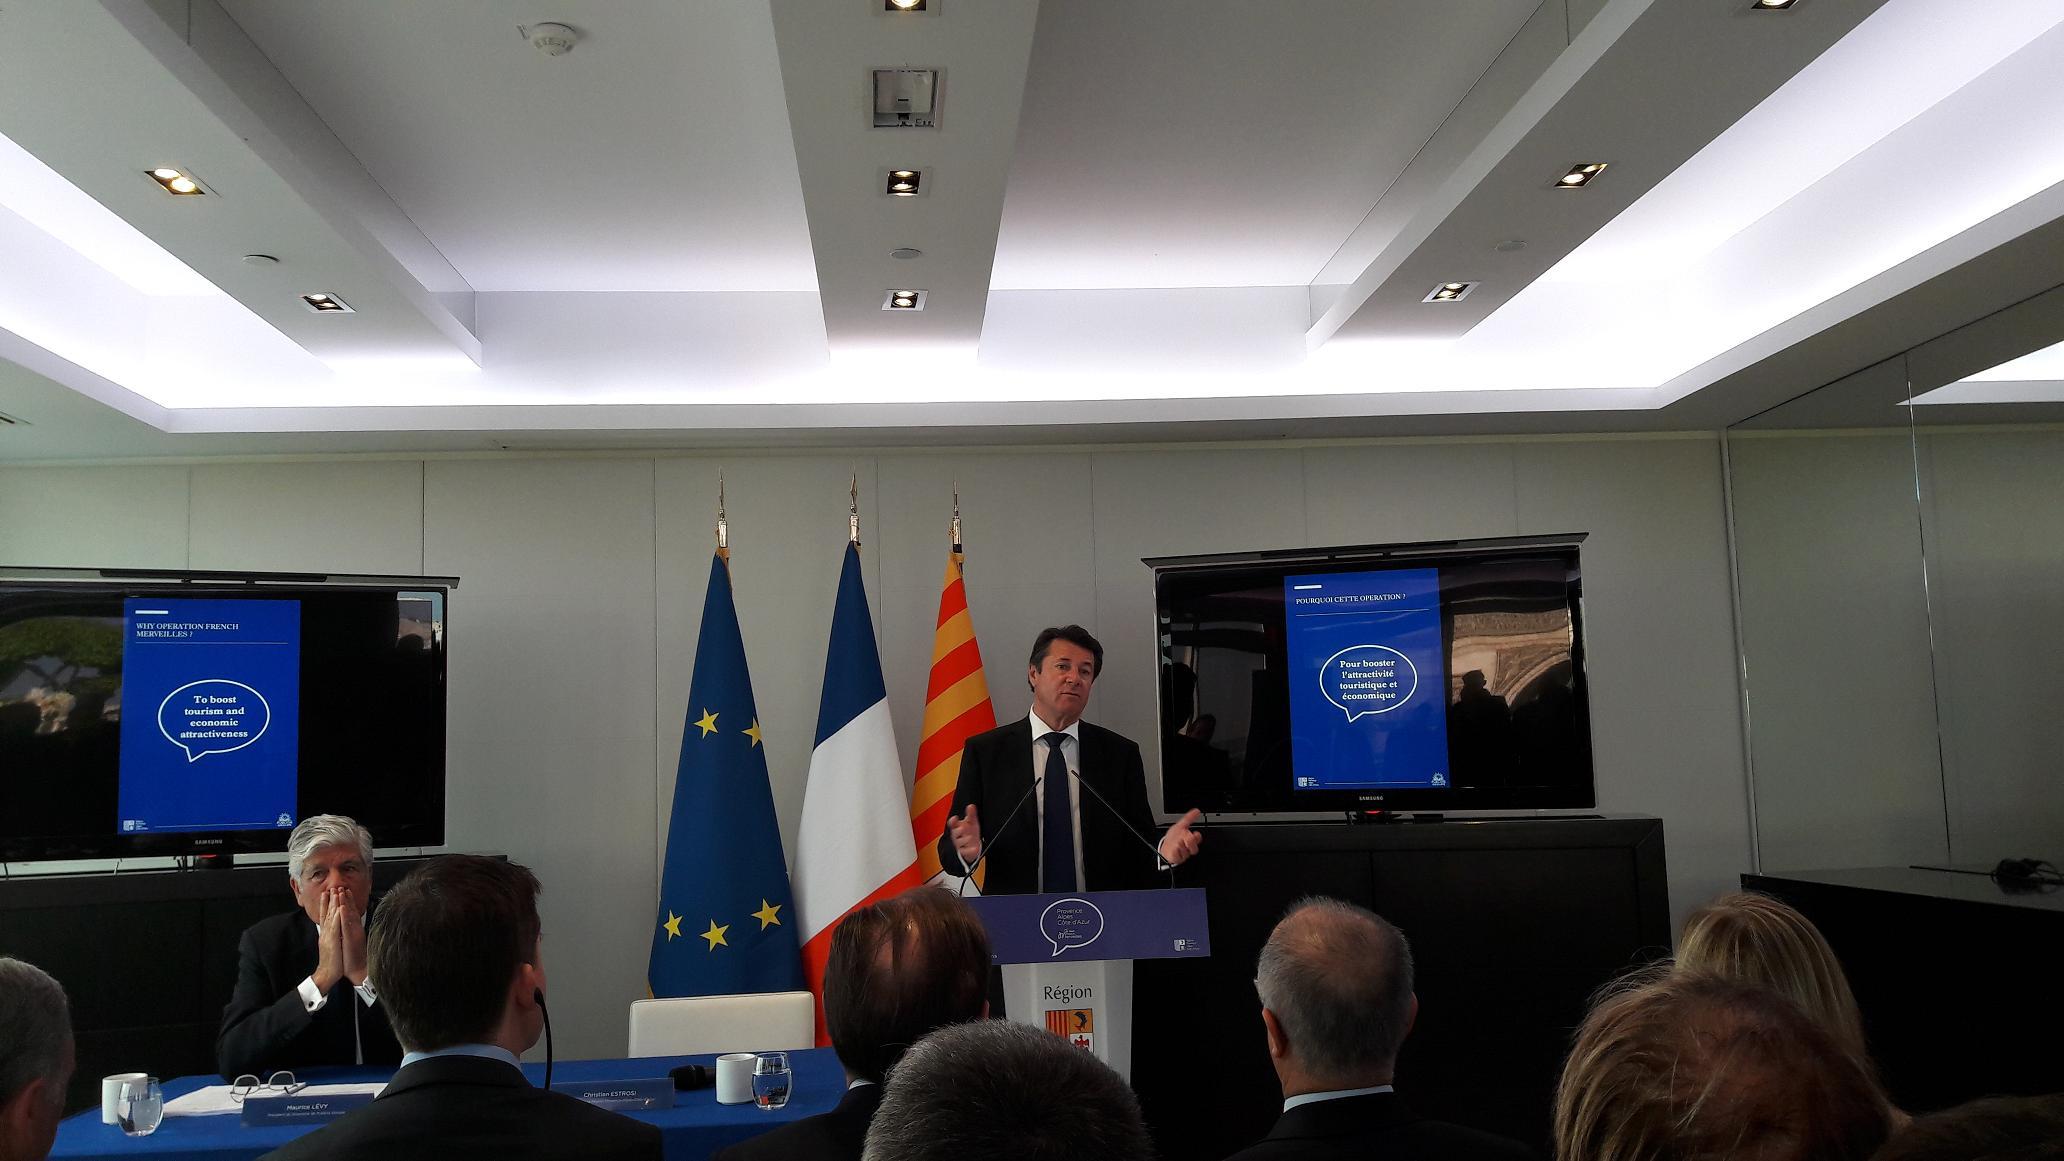 Devant une salle comble, Christian Estrosi président de la Région Provence-Alpes-Côte d'Azur et Maurice Lévy président du Directoire de Publicis Groupe. Photo MS.